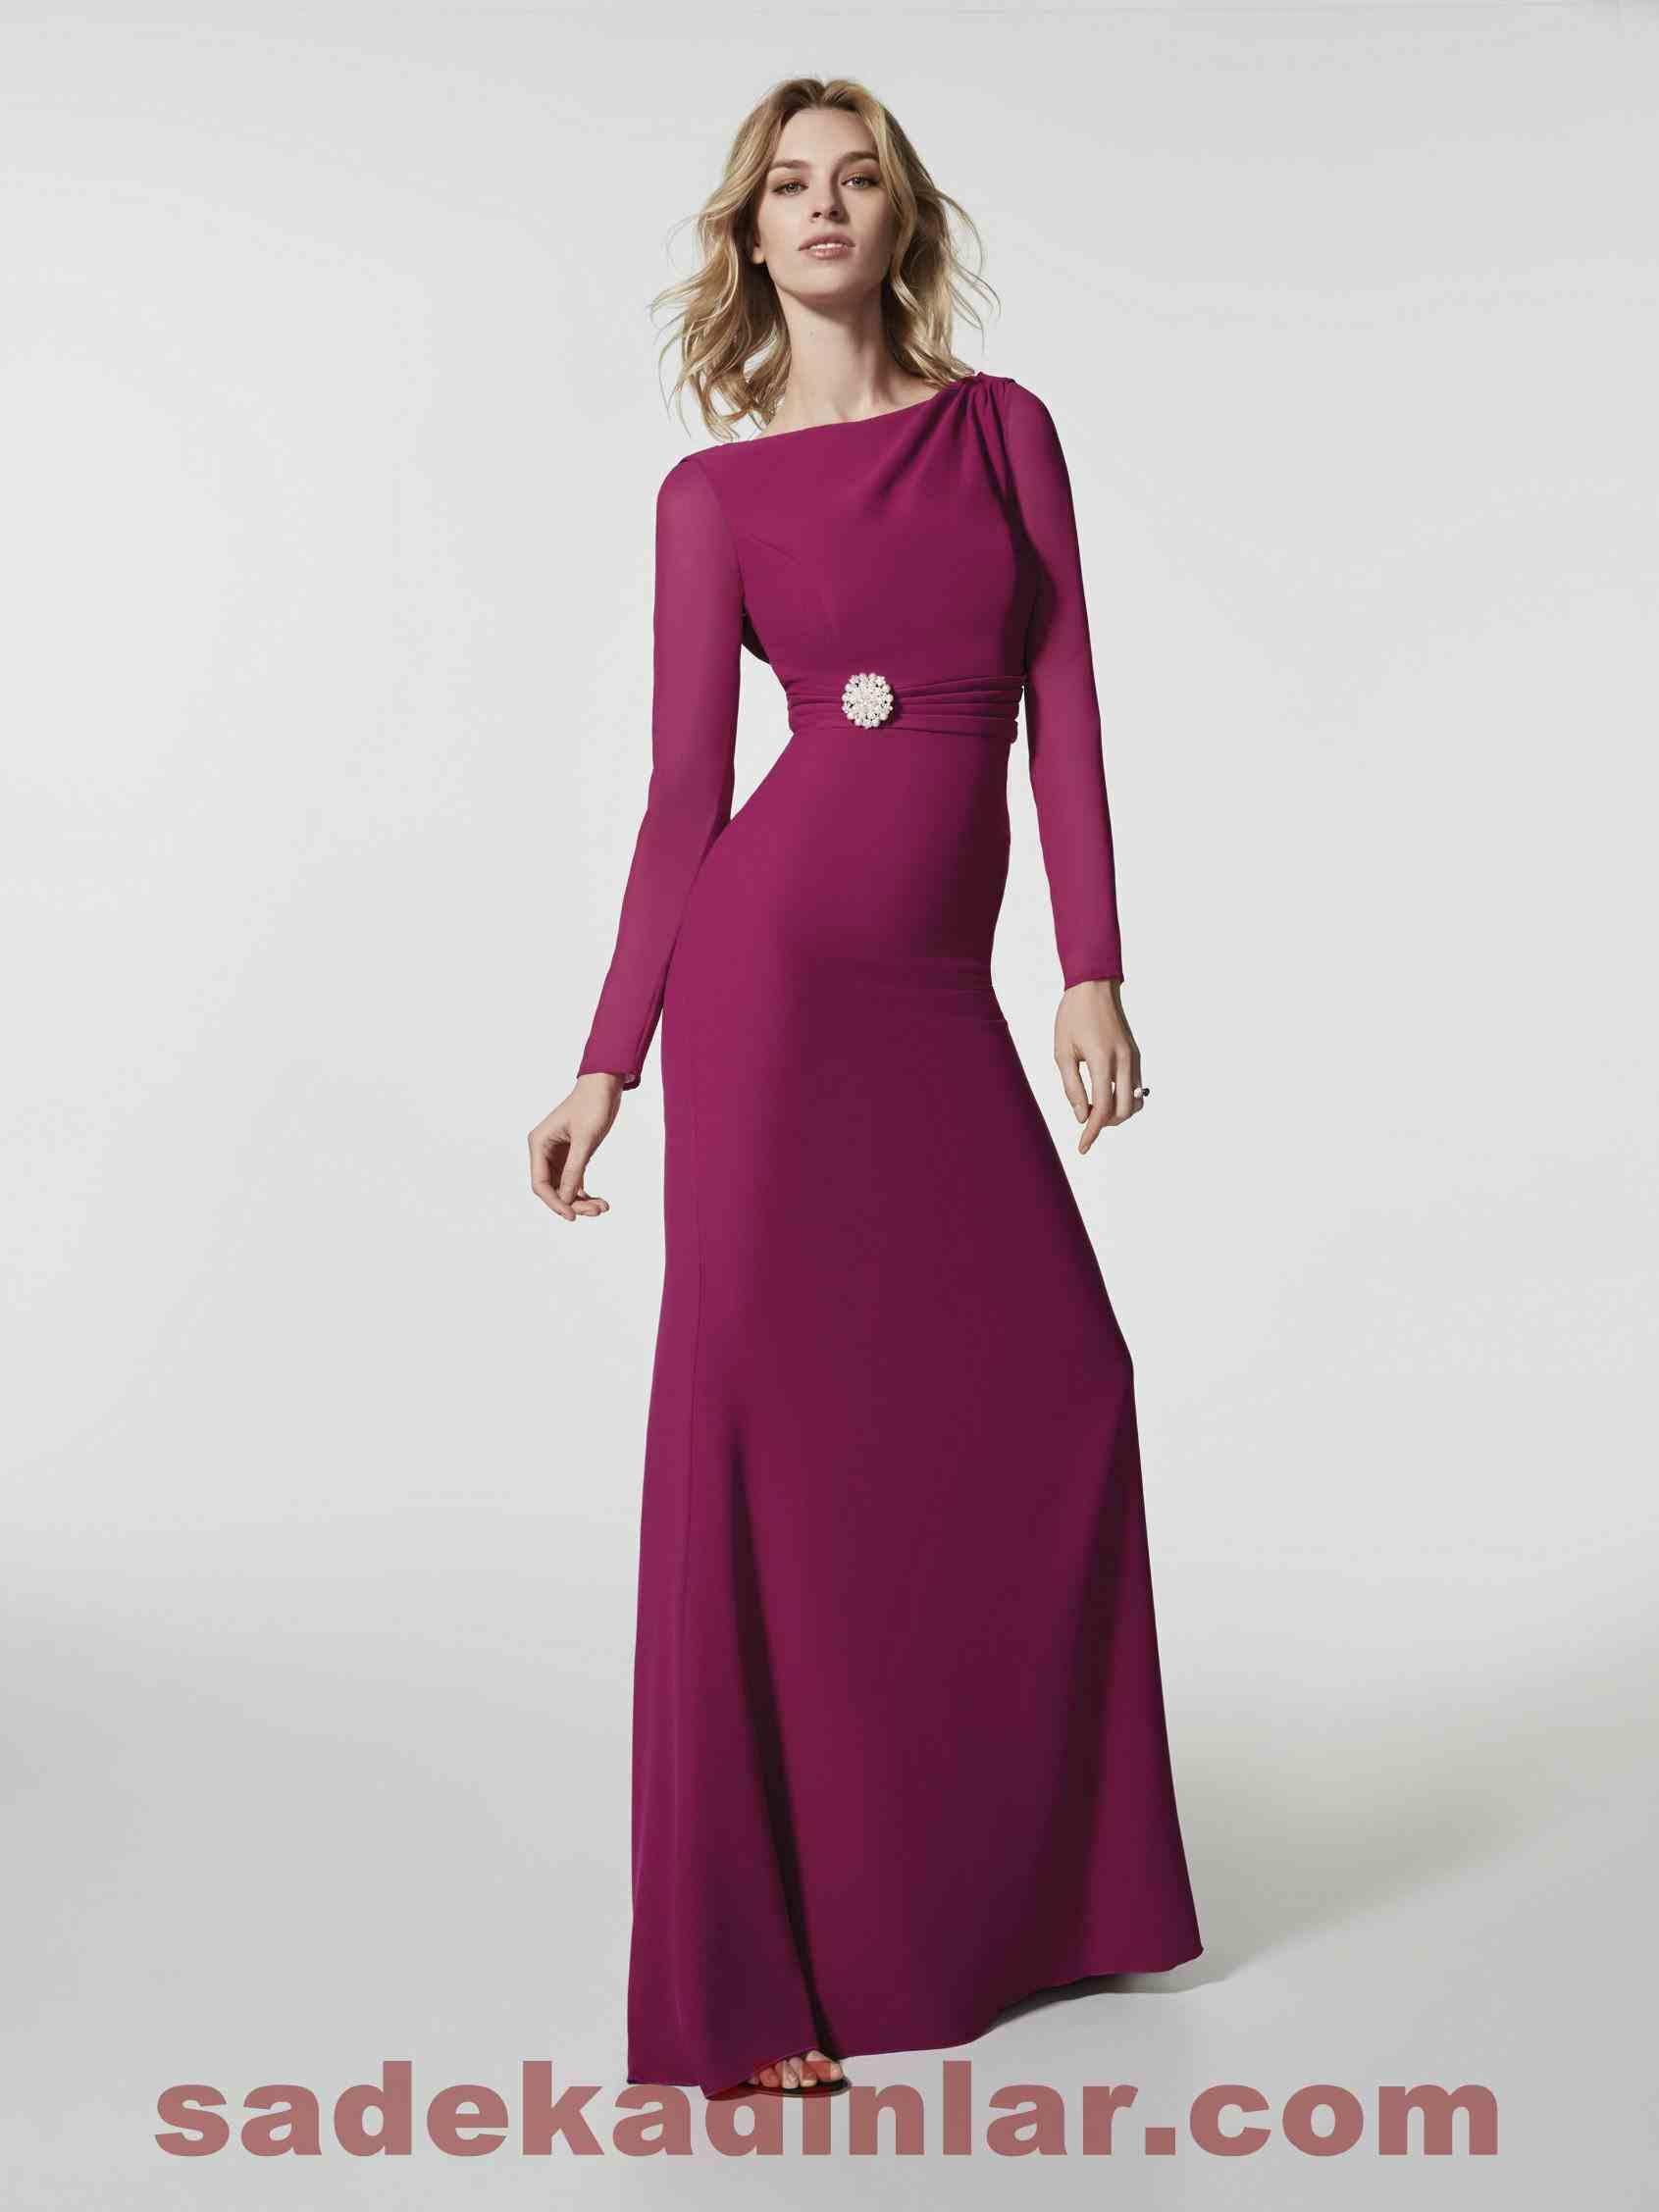 Pronovias Abiye Modelleri 2018 Uzun kollu vücudu saran, dökümlü elbise